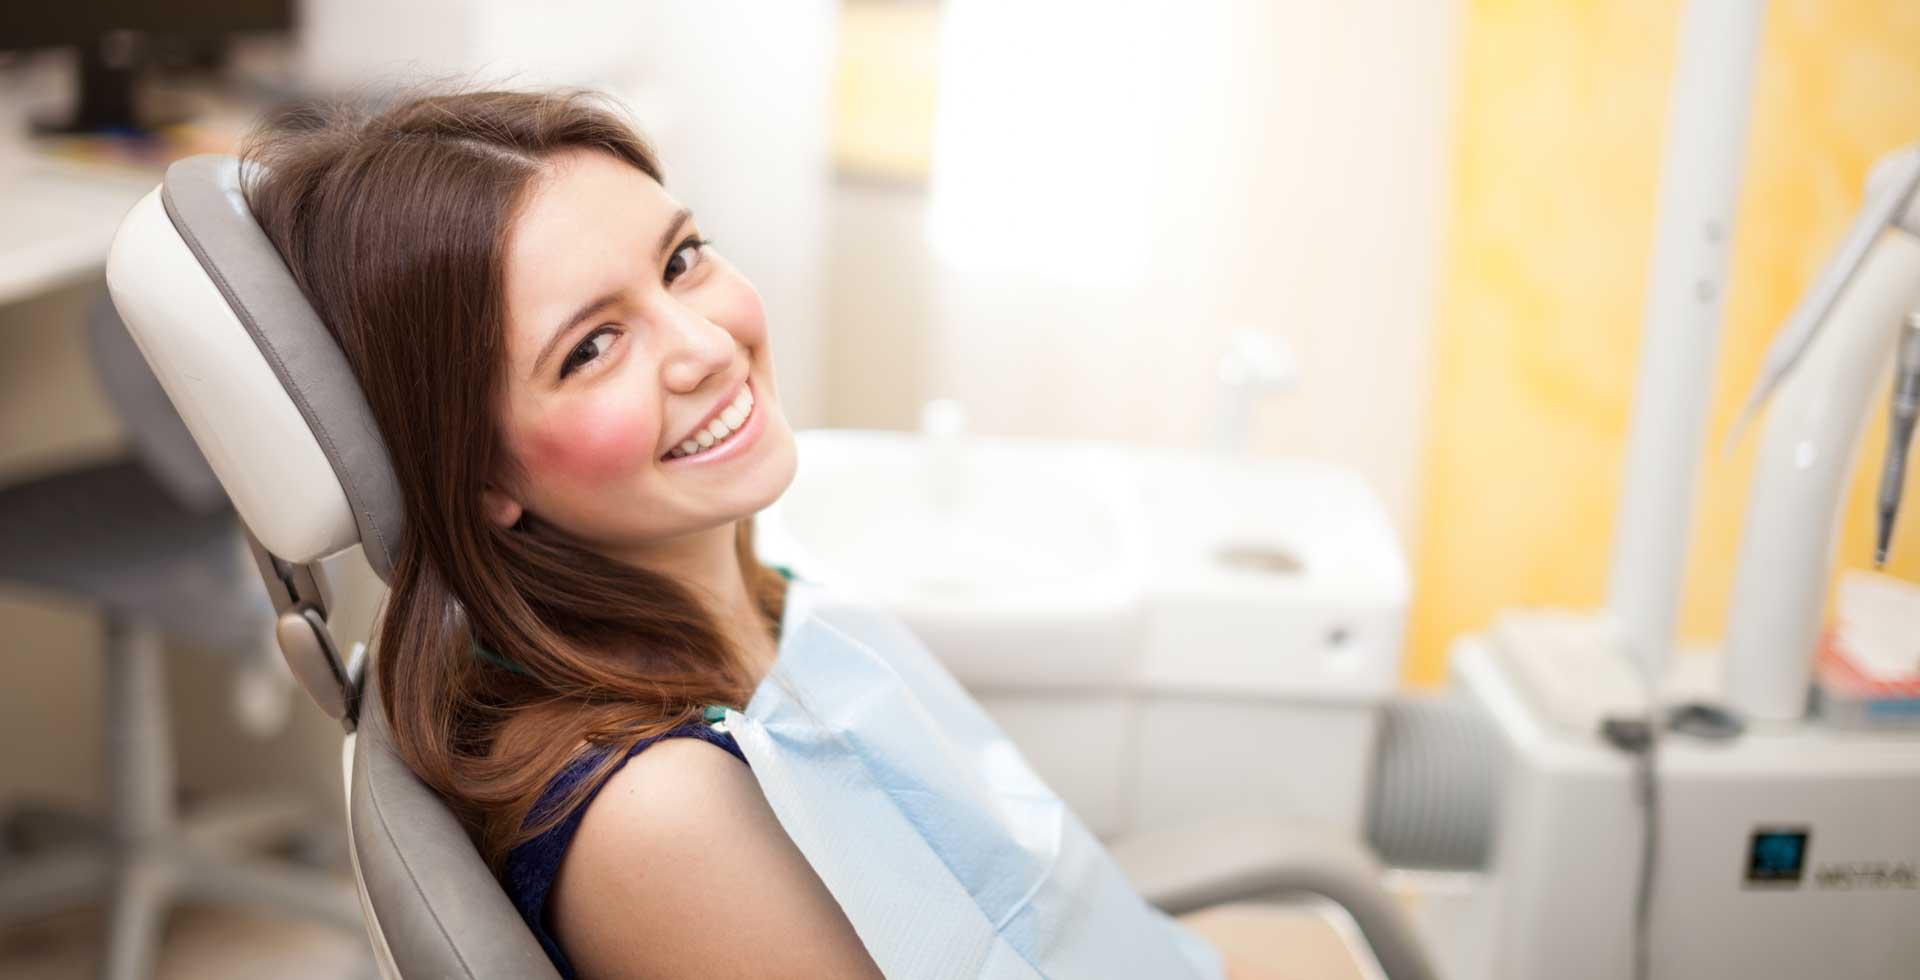 Edwards-Endodontics-patient-smile1920x980.jpg